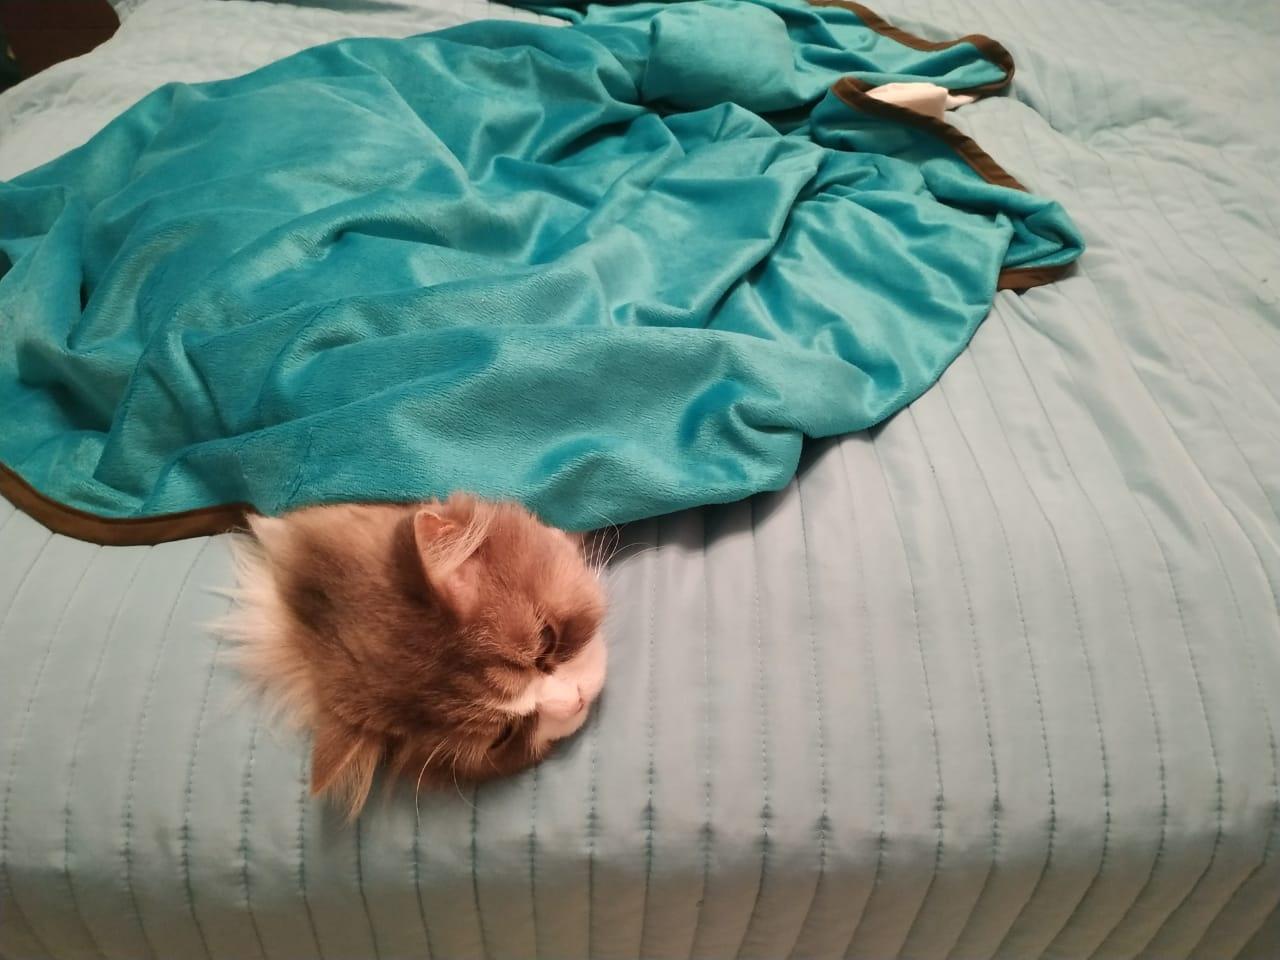 Коты категорически отказываются отходить от обогревателей и тёплых одеял